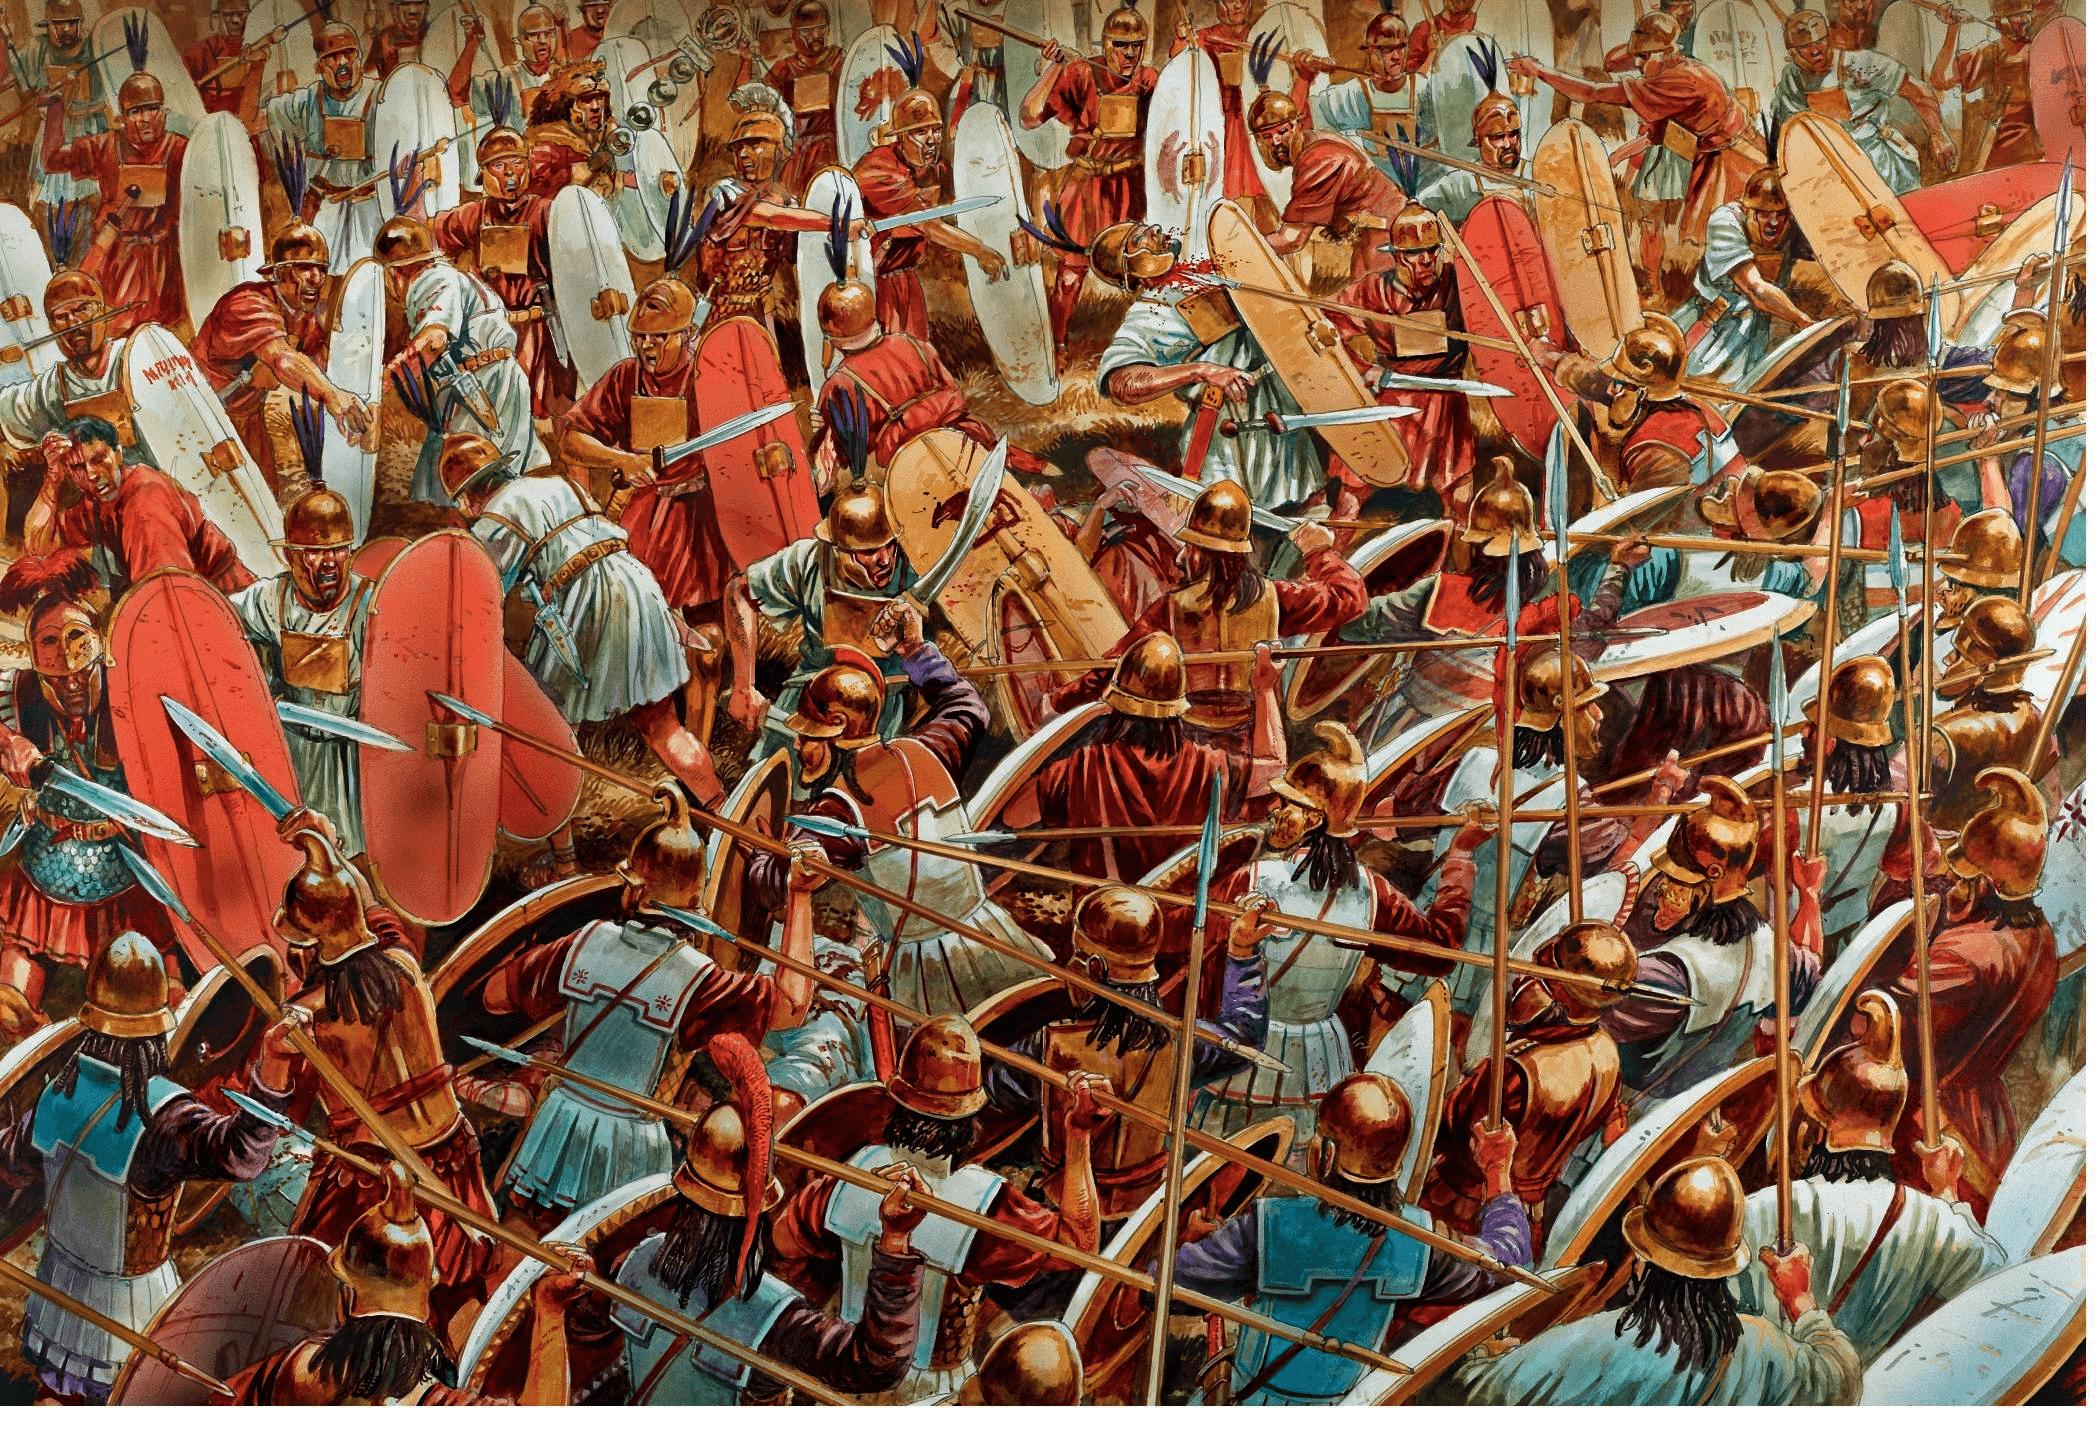 Batalla de Zama 202 AC (6). Choque entre príncipes y la segunda línea de Aníbal, compuesta por ciudadanos cartagineses y libios, que resultaron fácilmente derrotados por los legionarios. Autor Peter Dennis.